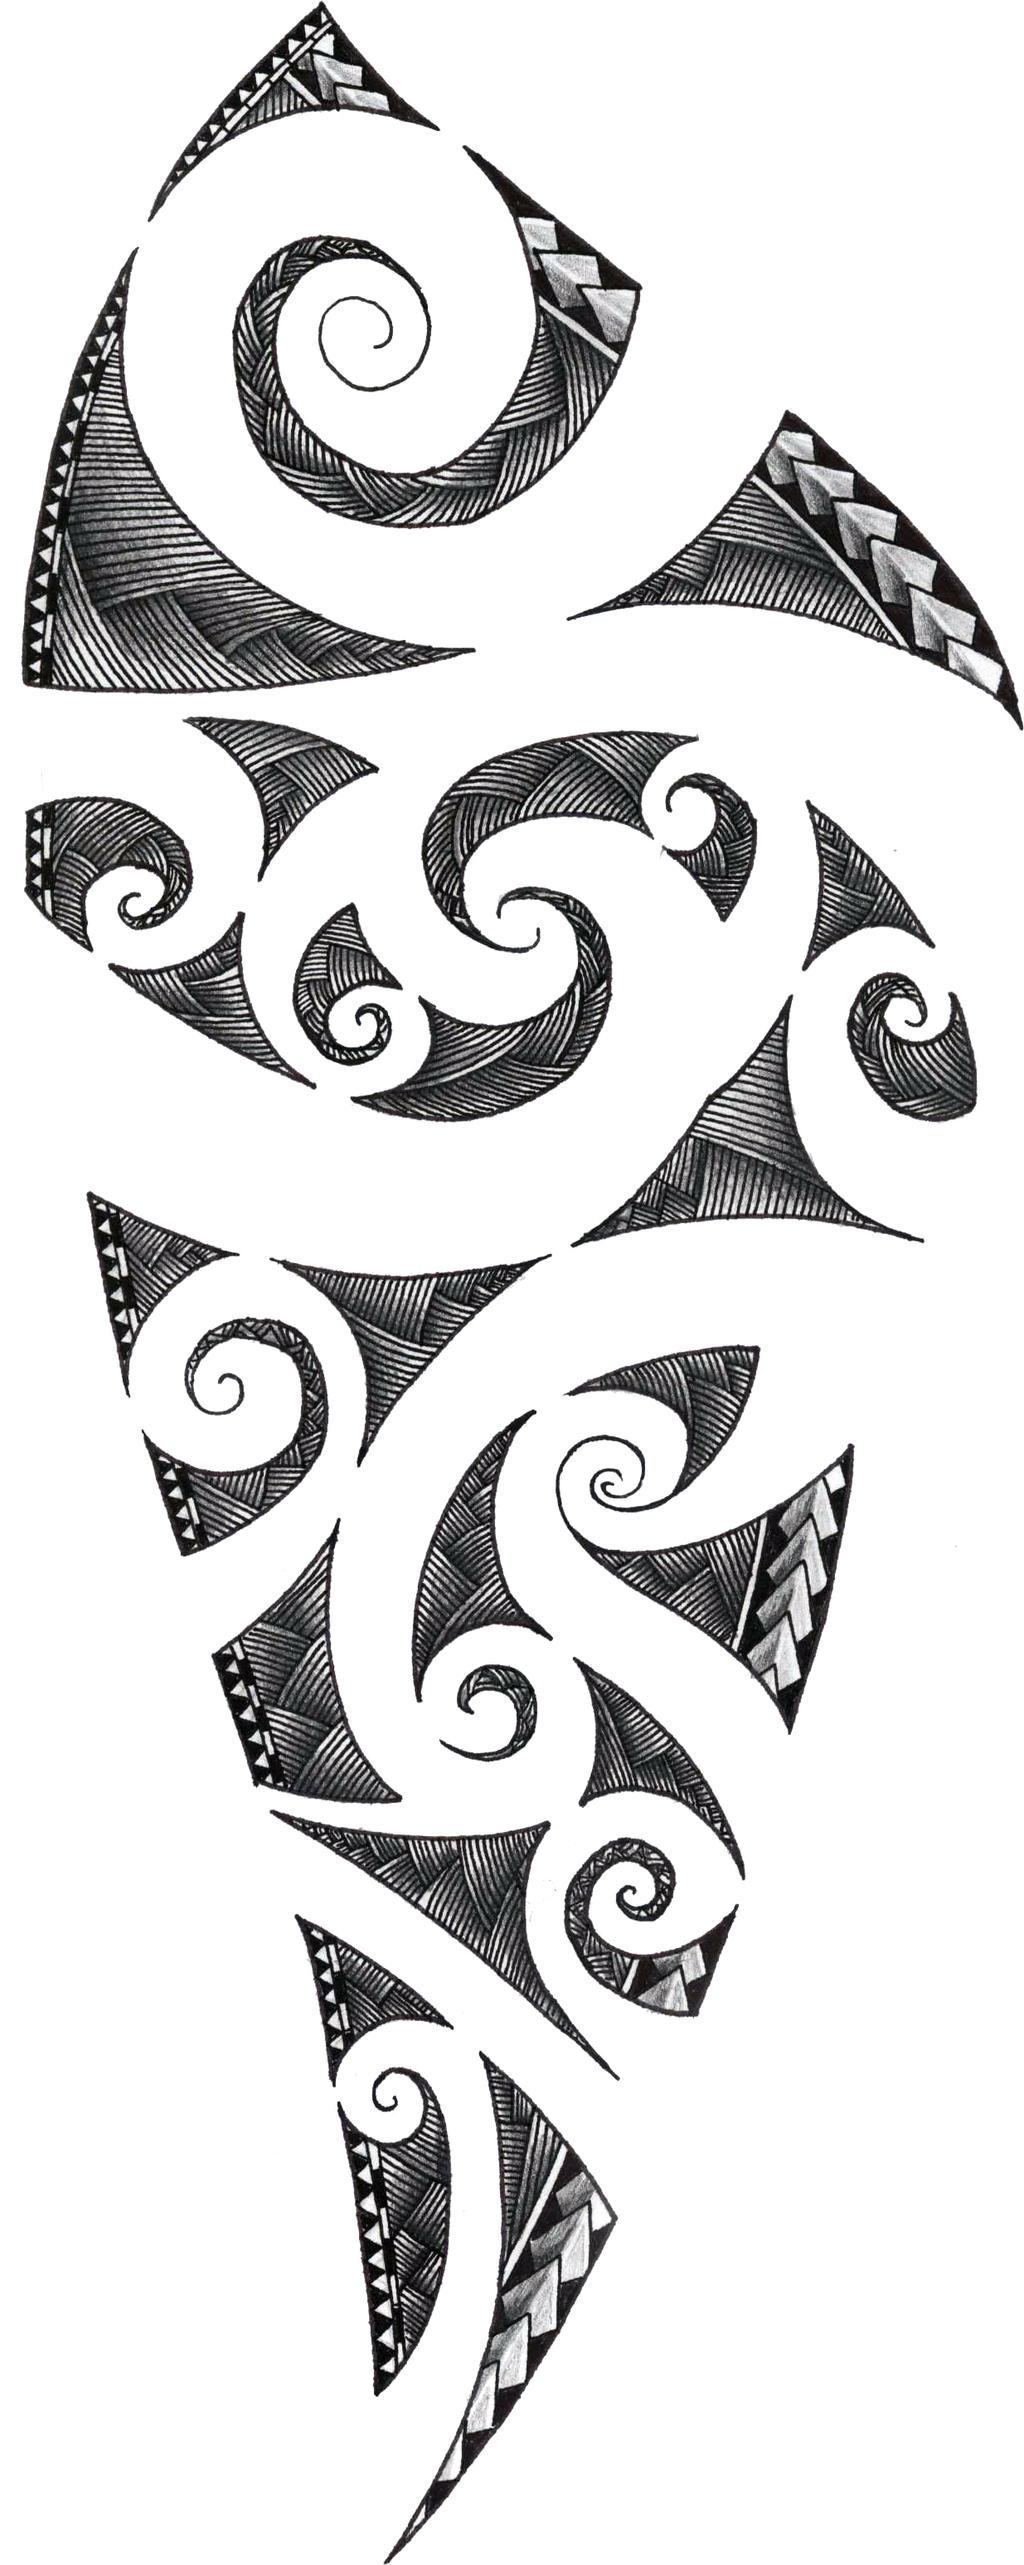 Maori Tattoo Designs Free: Maori Tattoo Design By ZakonKrancaSwiata On DeviantArt